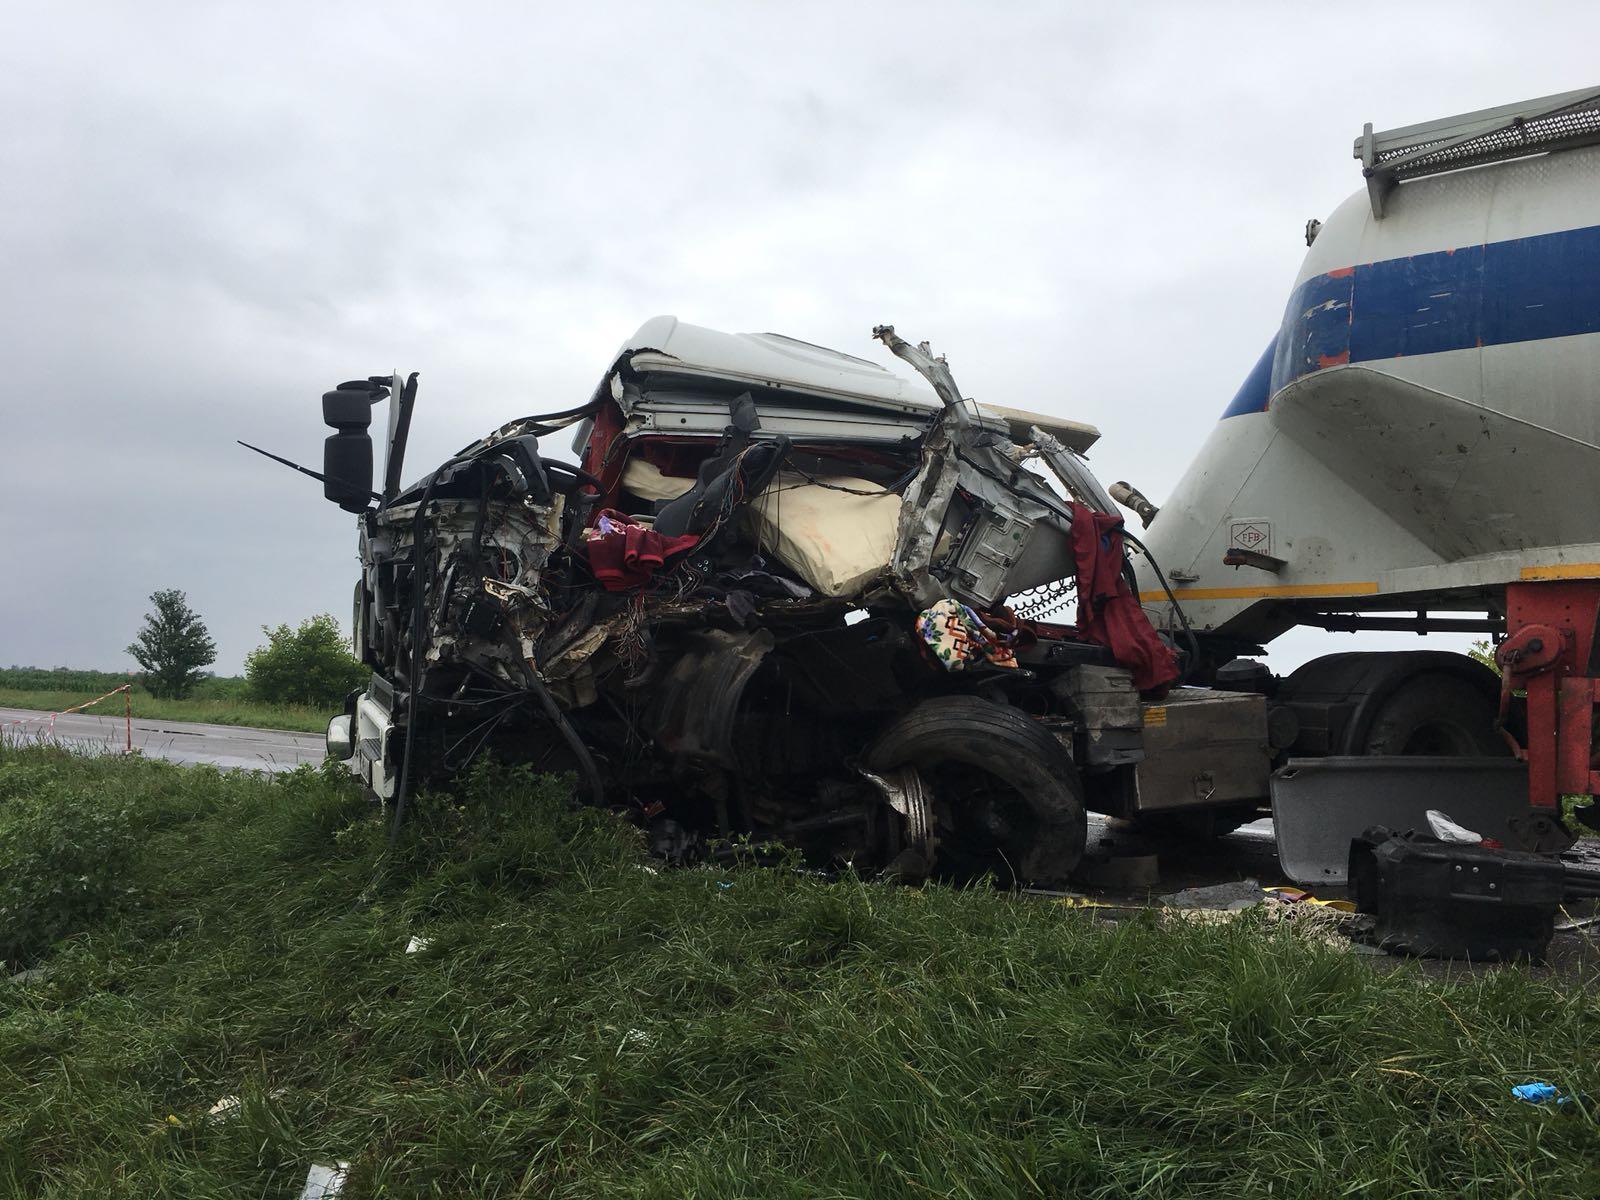 [VIDEO] Prăpăd pe E85 în urma accidentului cu trei autocamioane. Intervenția pompierilor de la descarcerare, filmată de un martor